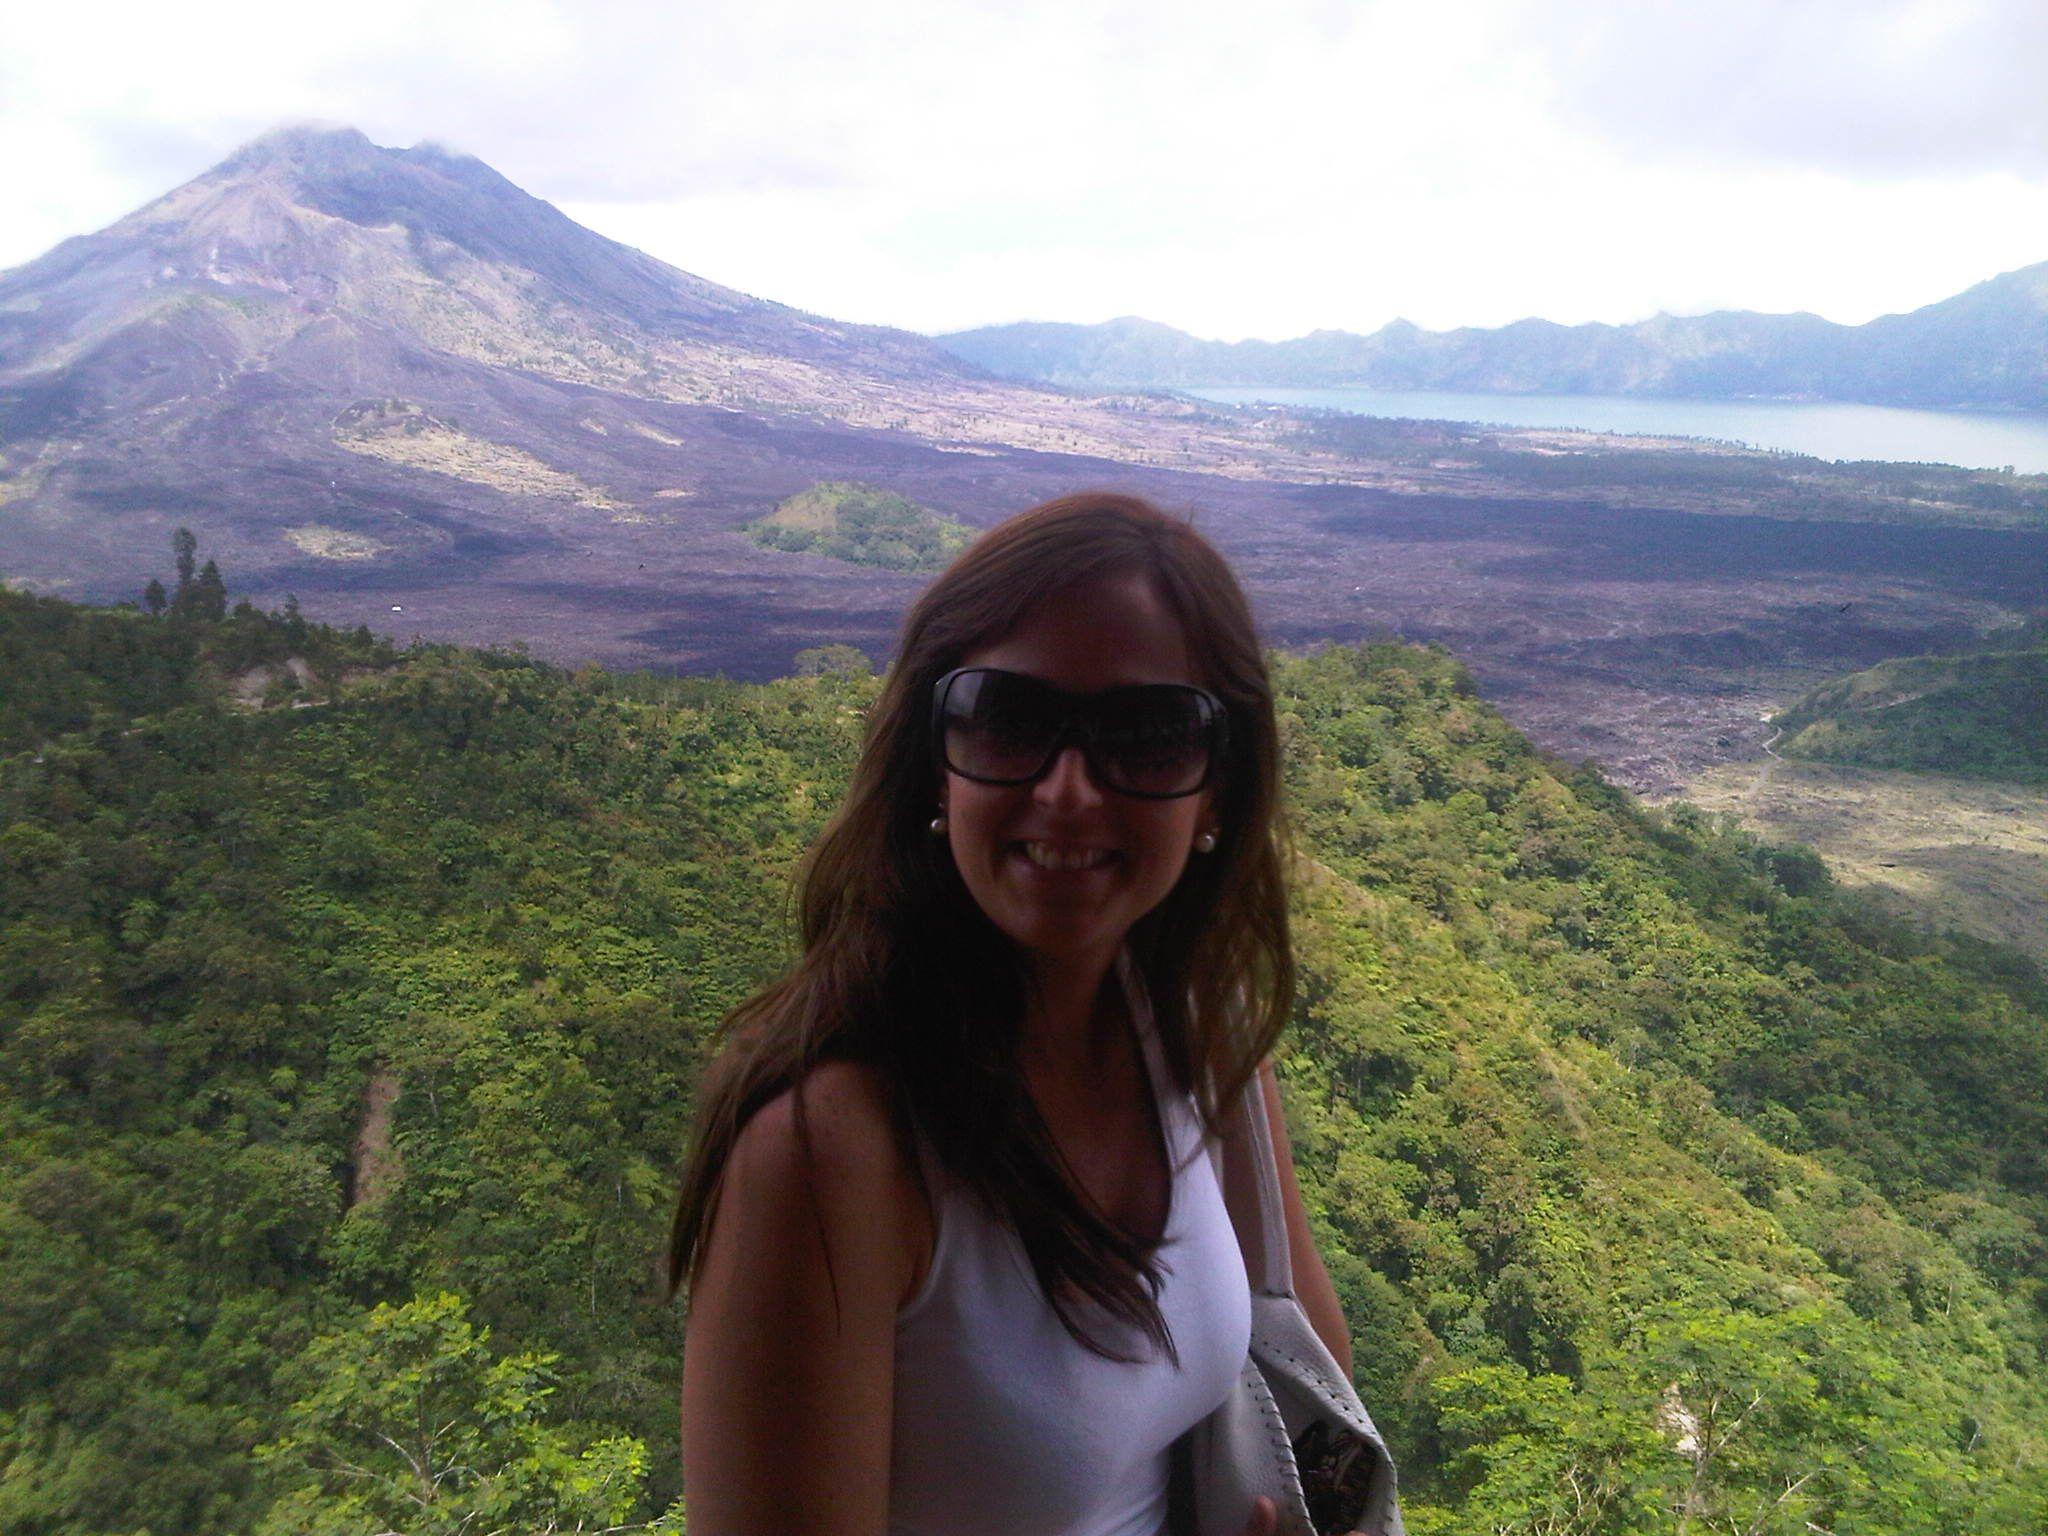 el volcán Batur en la montaña de Ubud en Bali - Indonesia